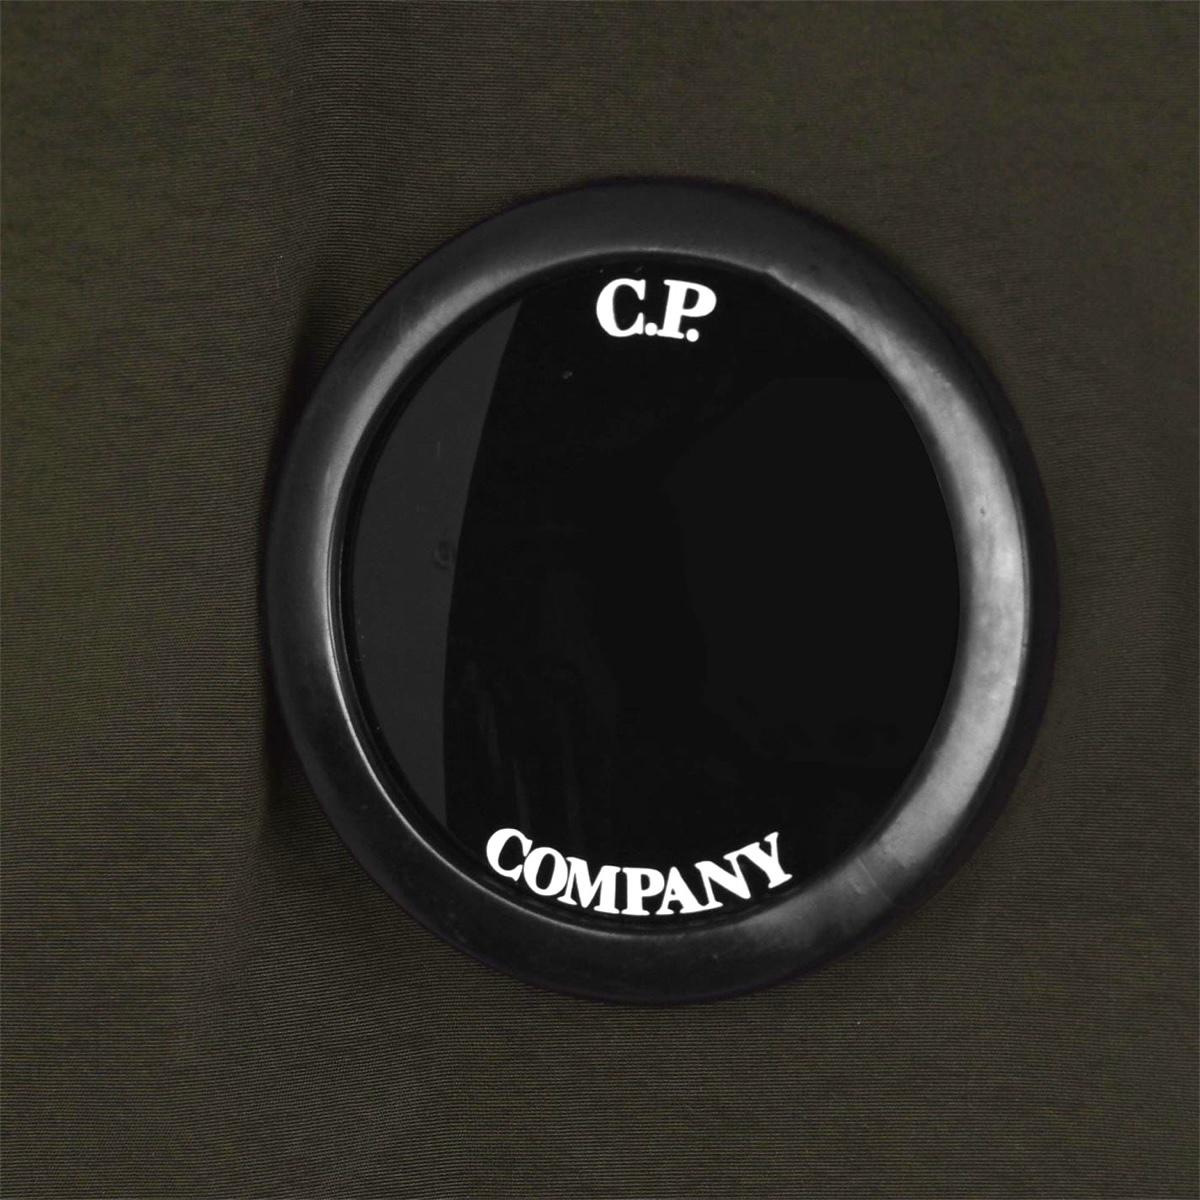 CP 8A0 Blazer detail2.jpg